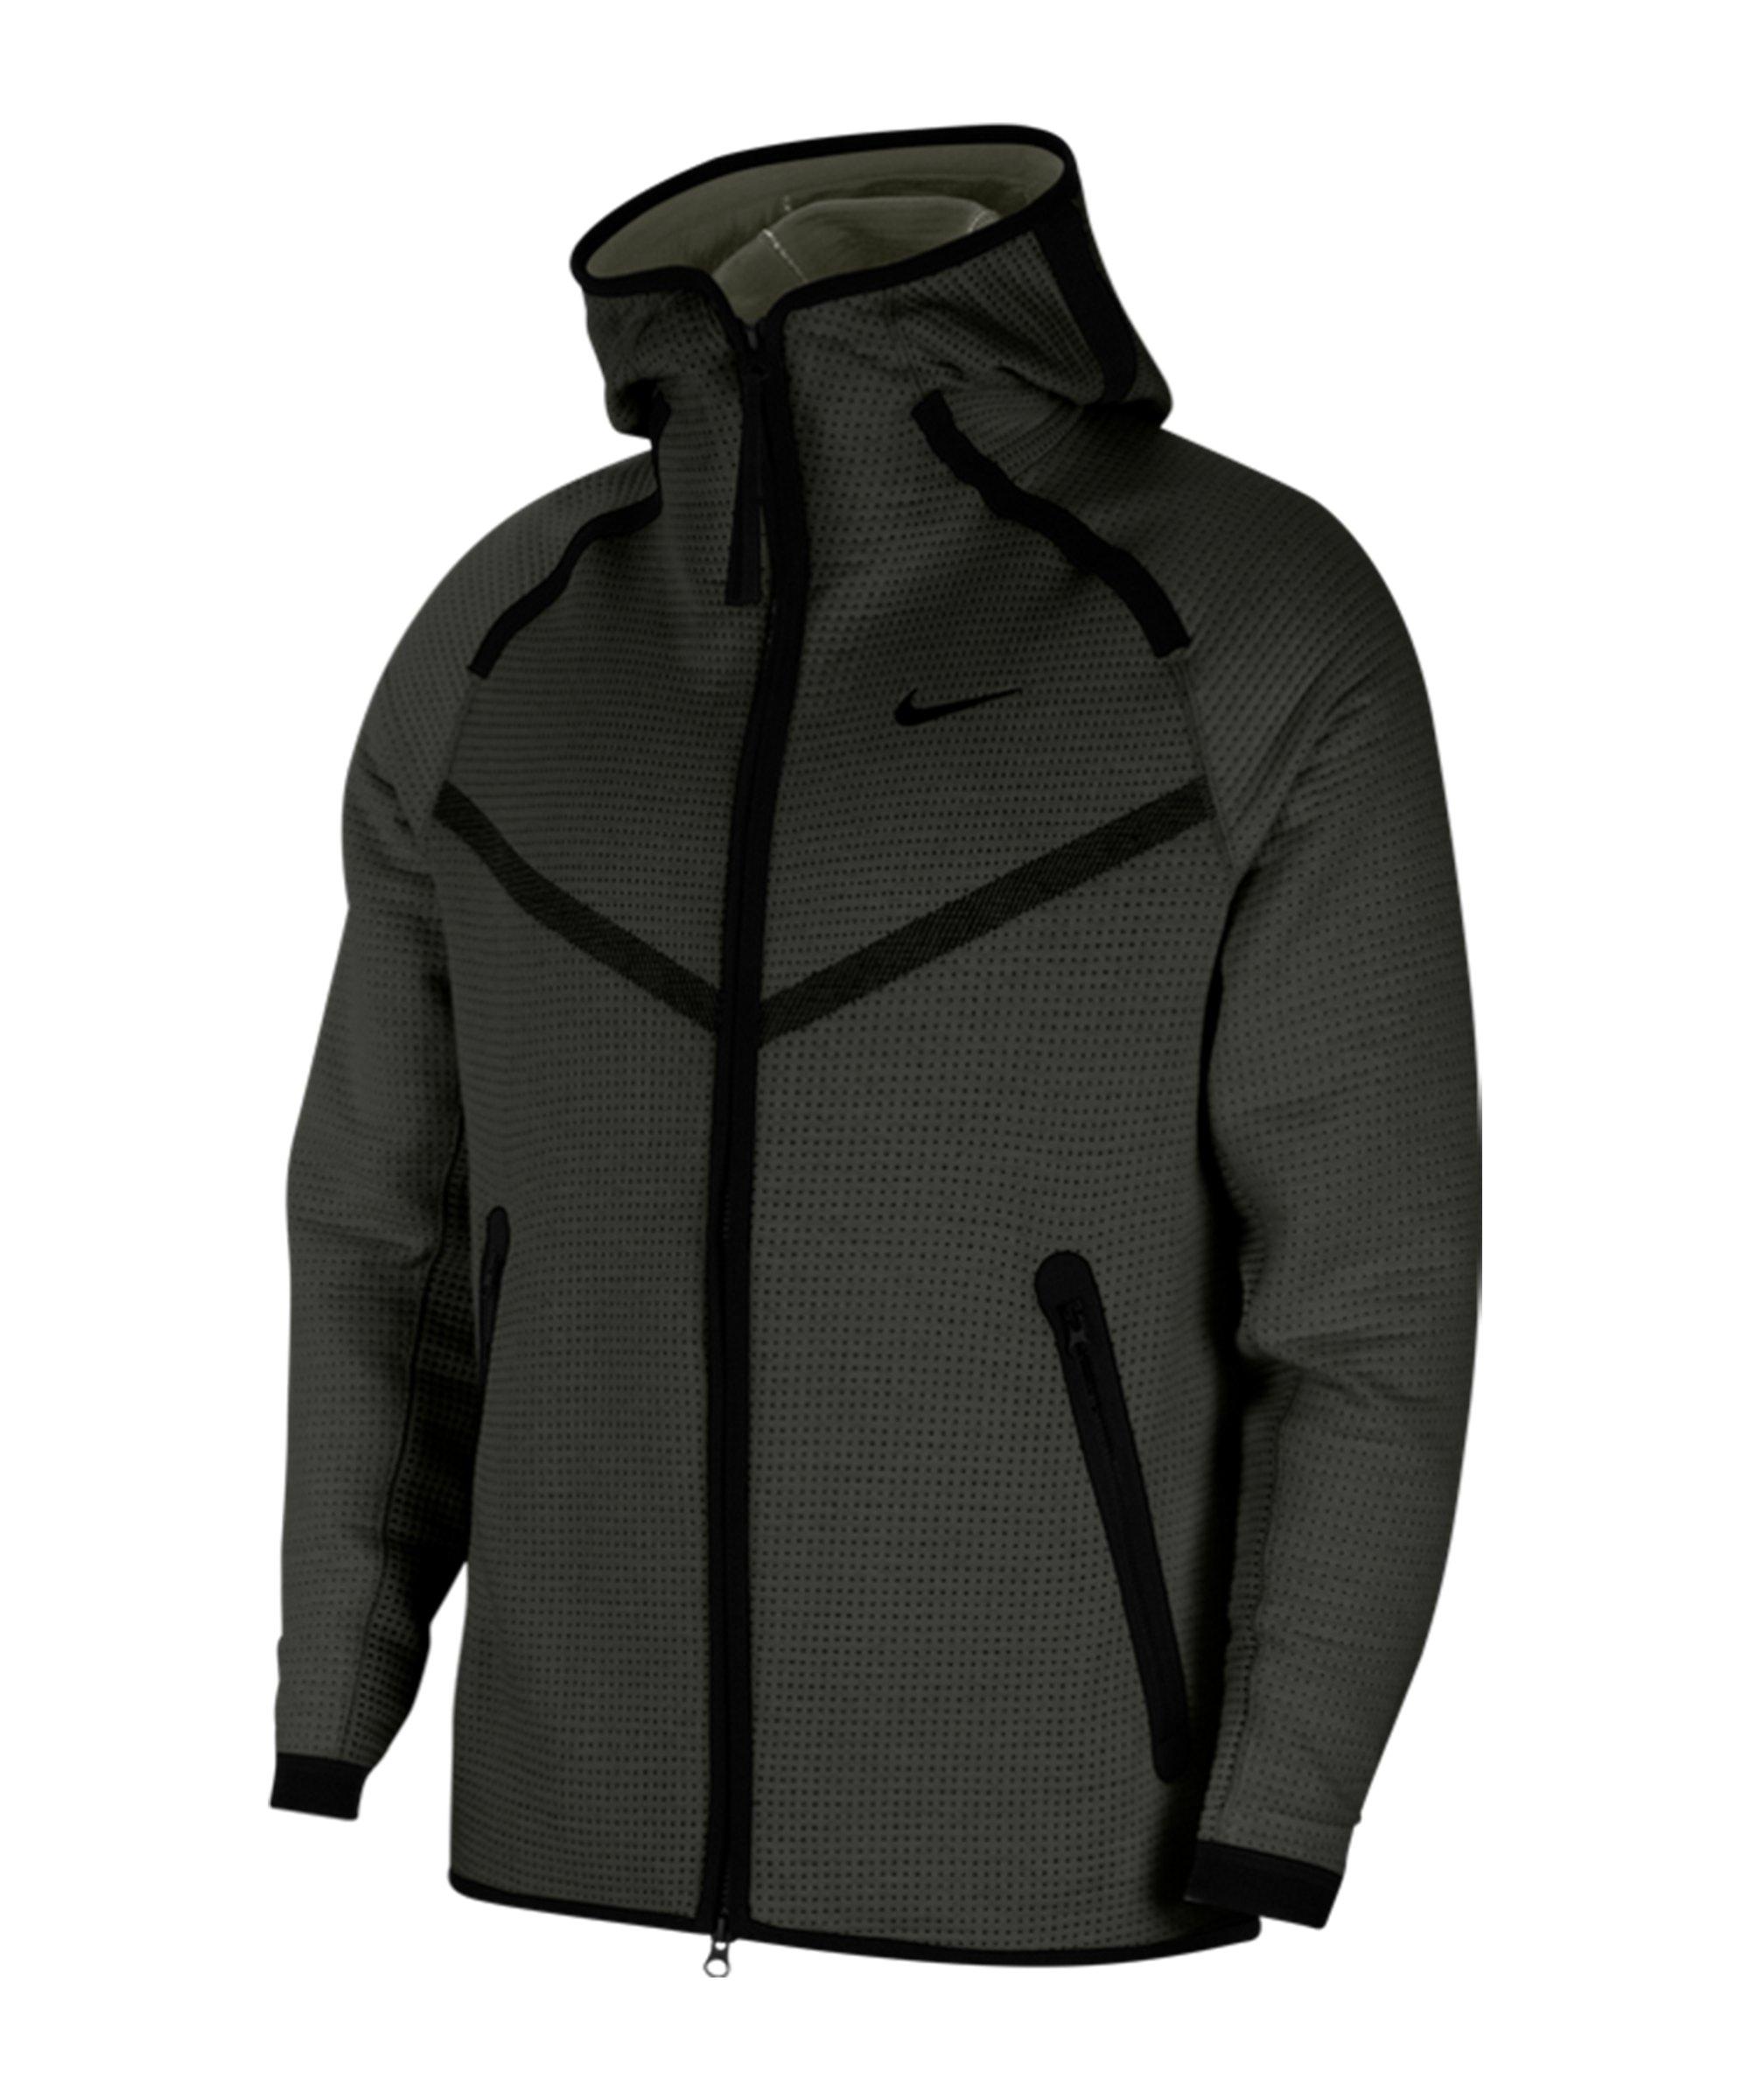 Nike Tech Pack Windrunner Kapuzenjacke Grau F355 - grau